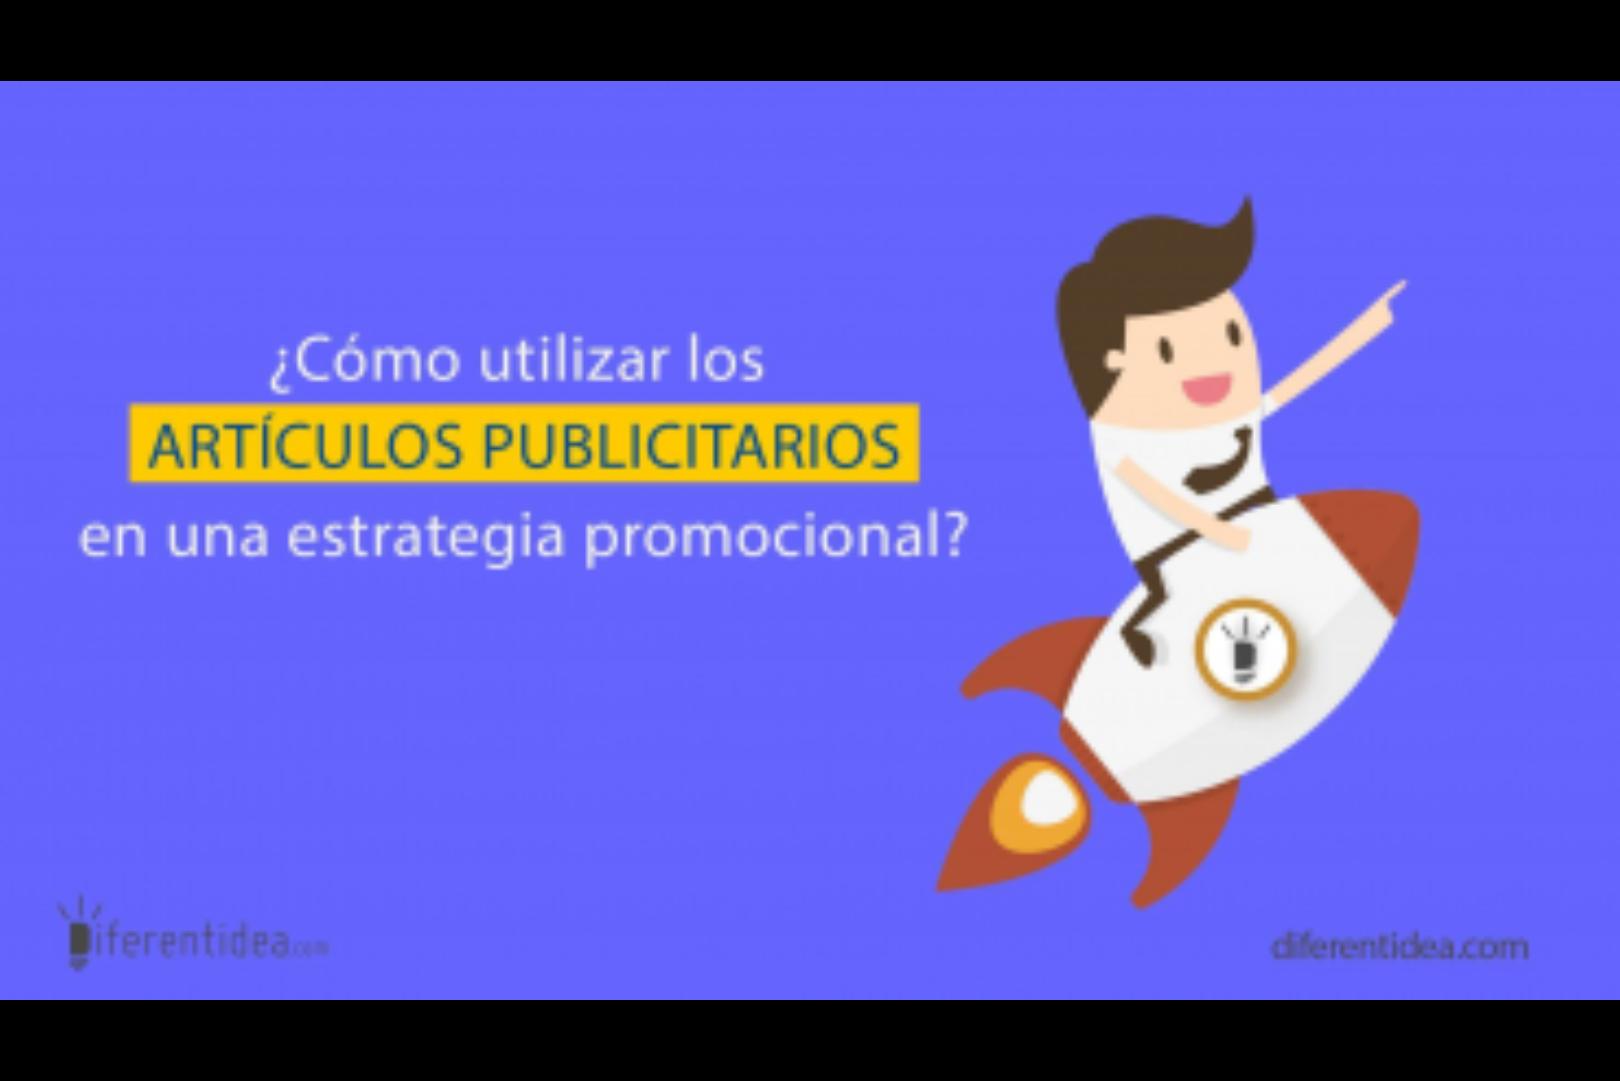 lg-b-cómo utilizar los artículos publicitarios en una estrategia promocional portada